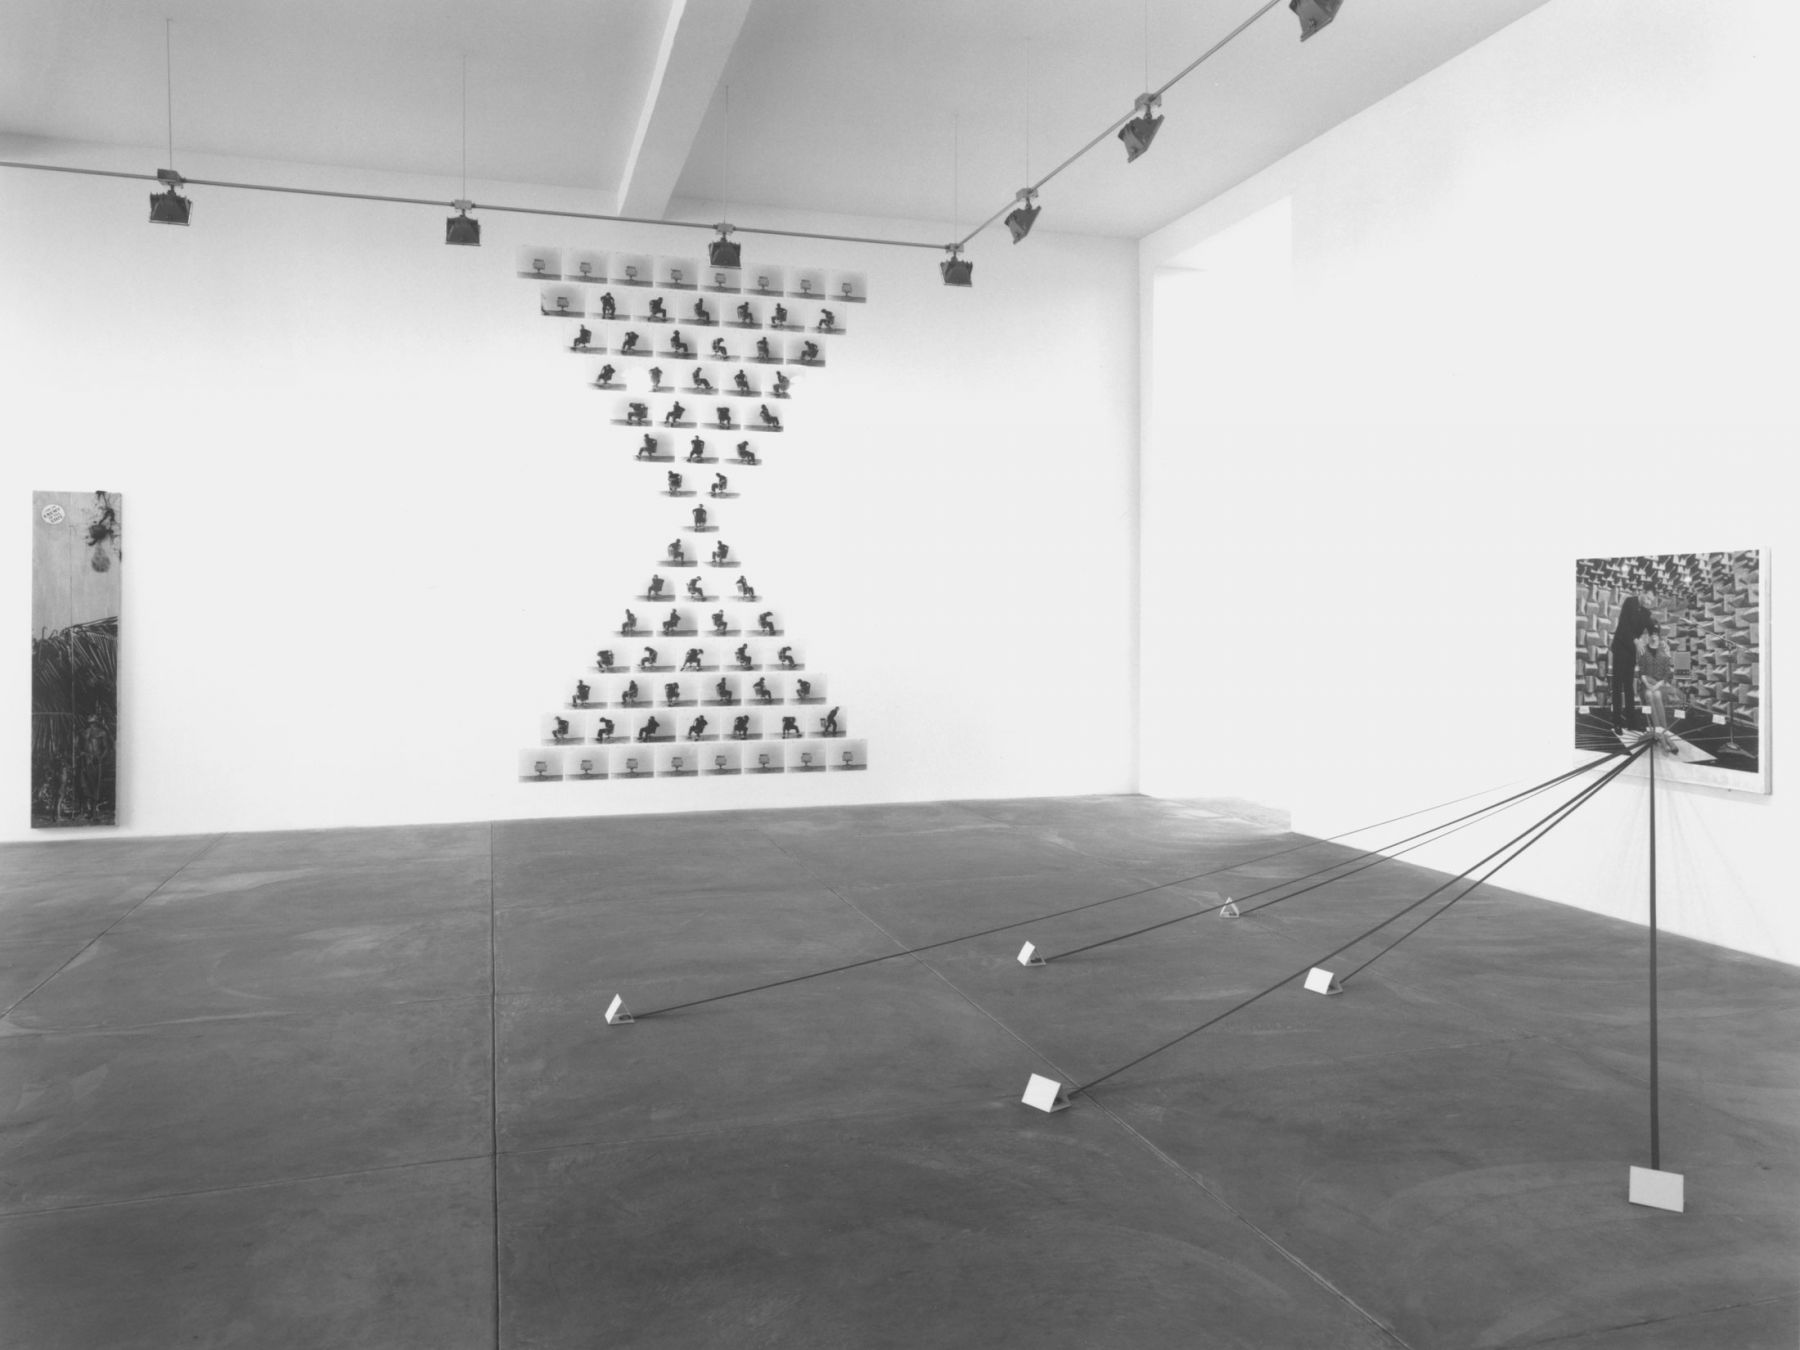 Thaddeus Strode, Installation view